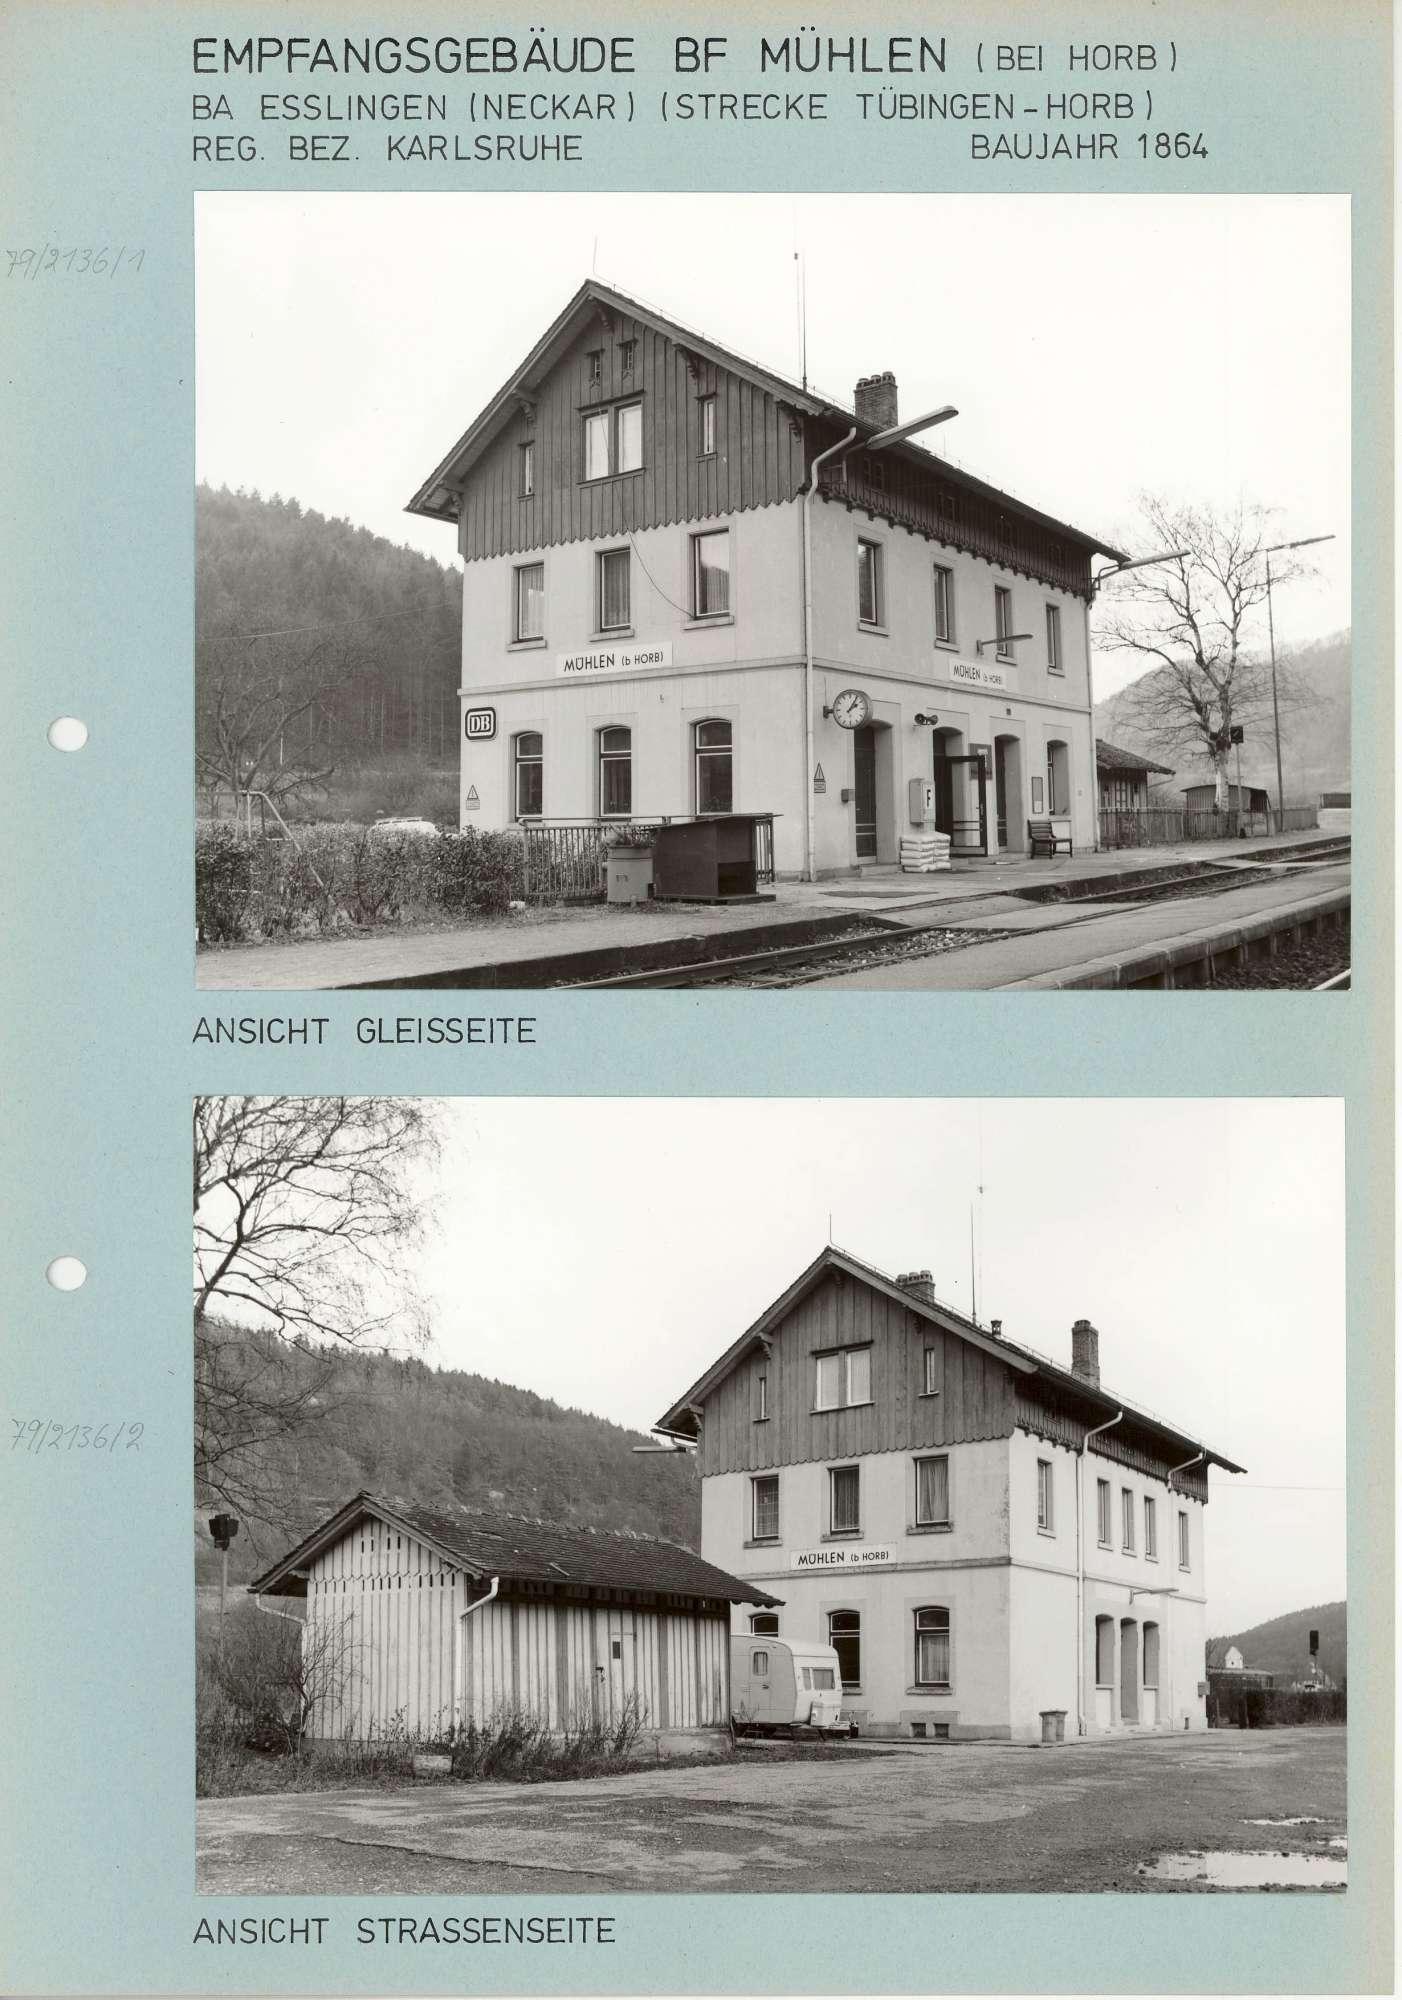 Mühlen am Neckar: 4 Fotos, Bild 1